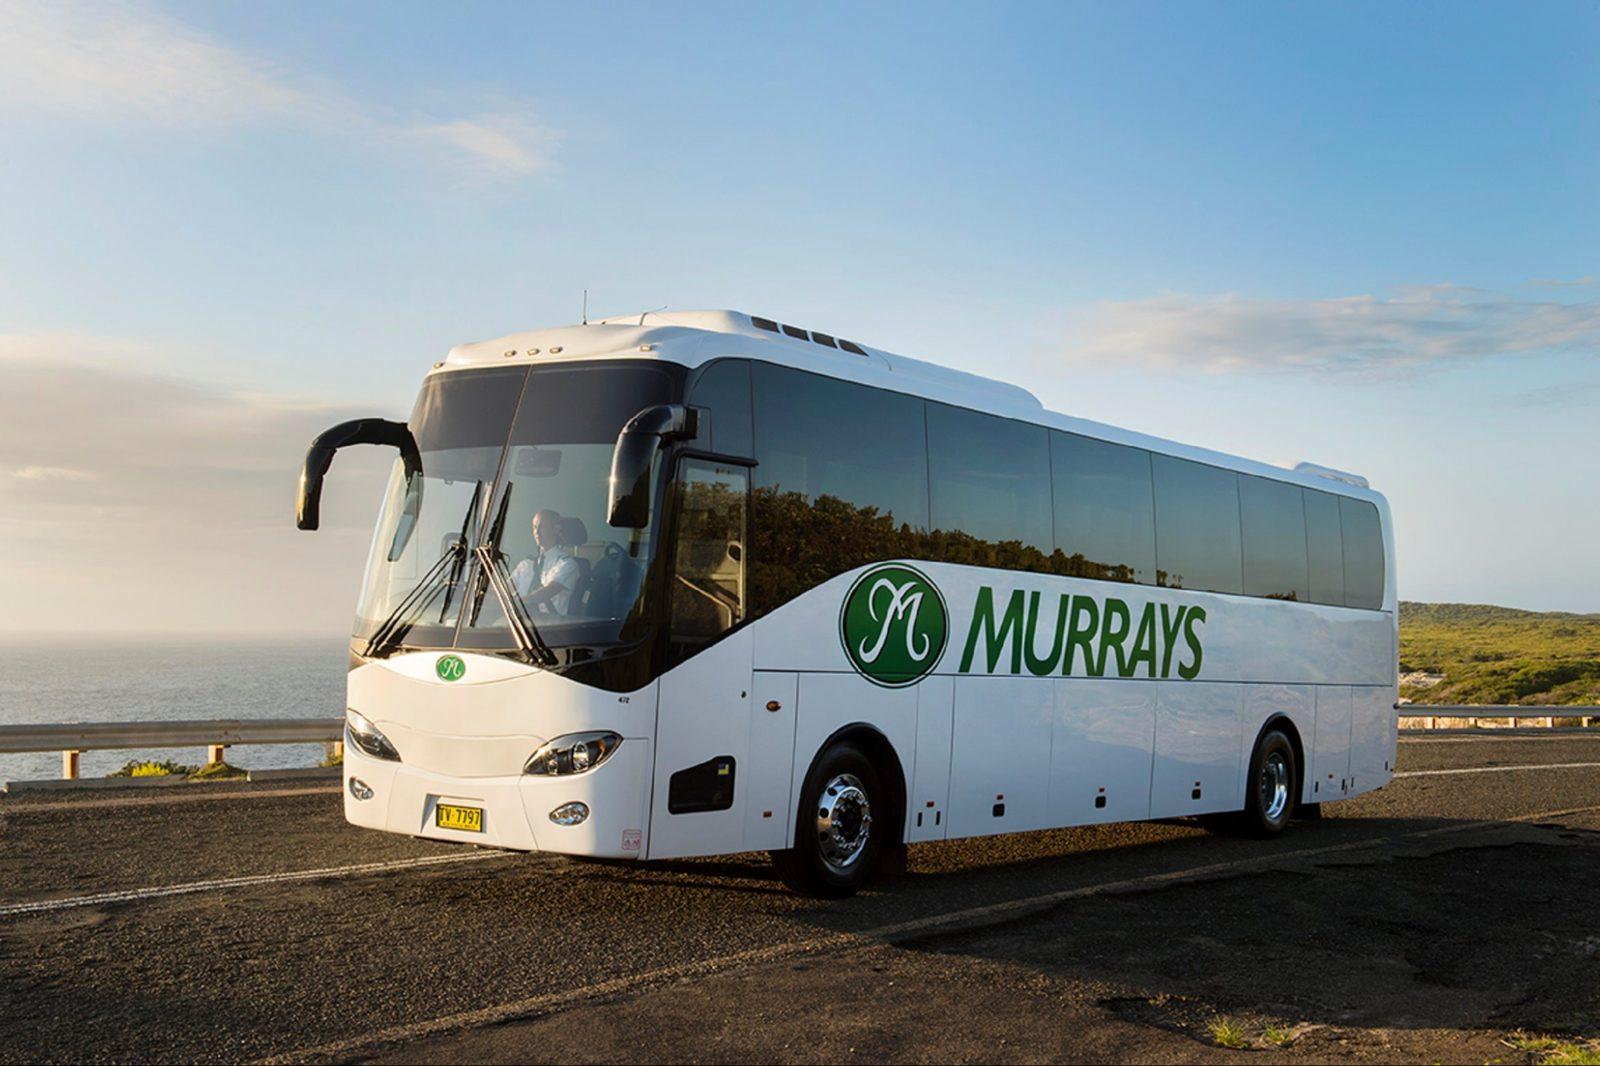 coach hire, bus hire, tours & transfers